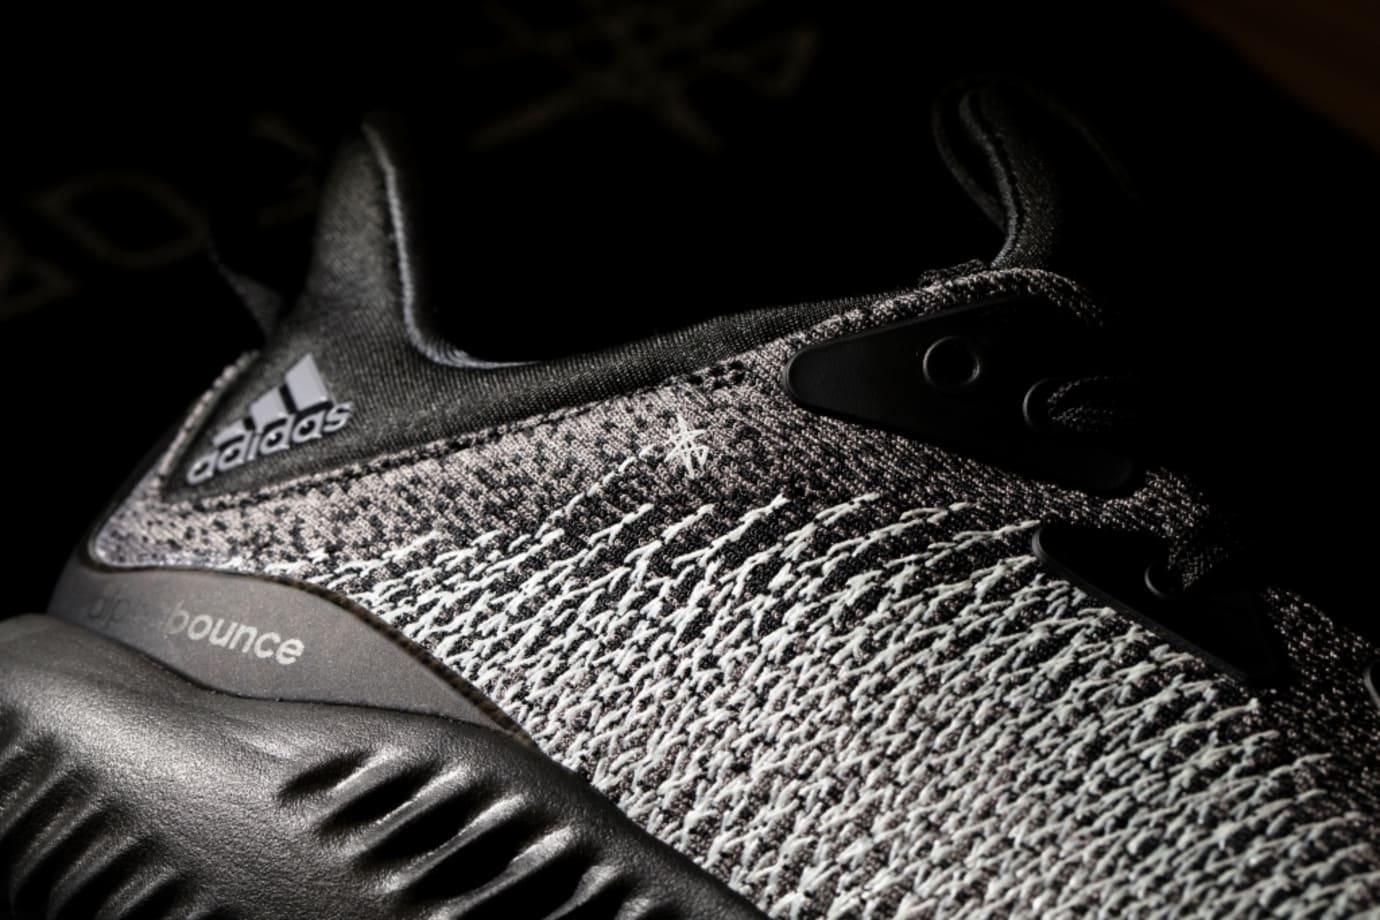 Adidas Forge Fiber